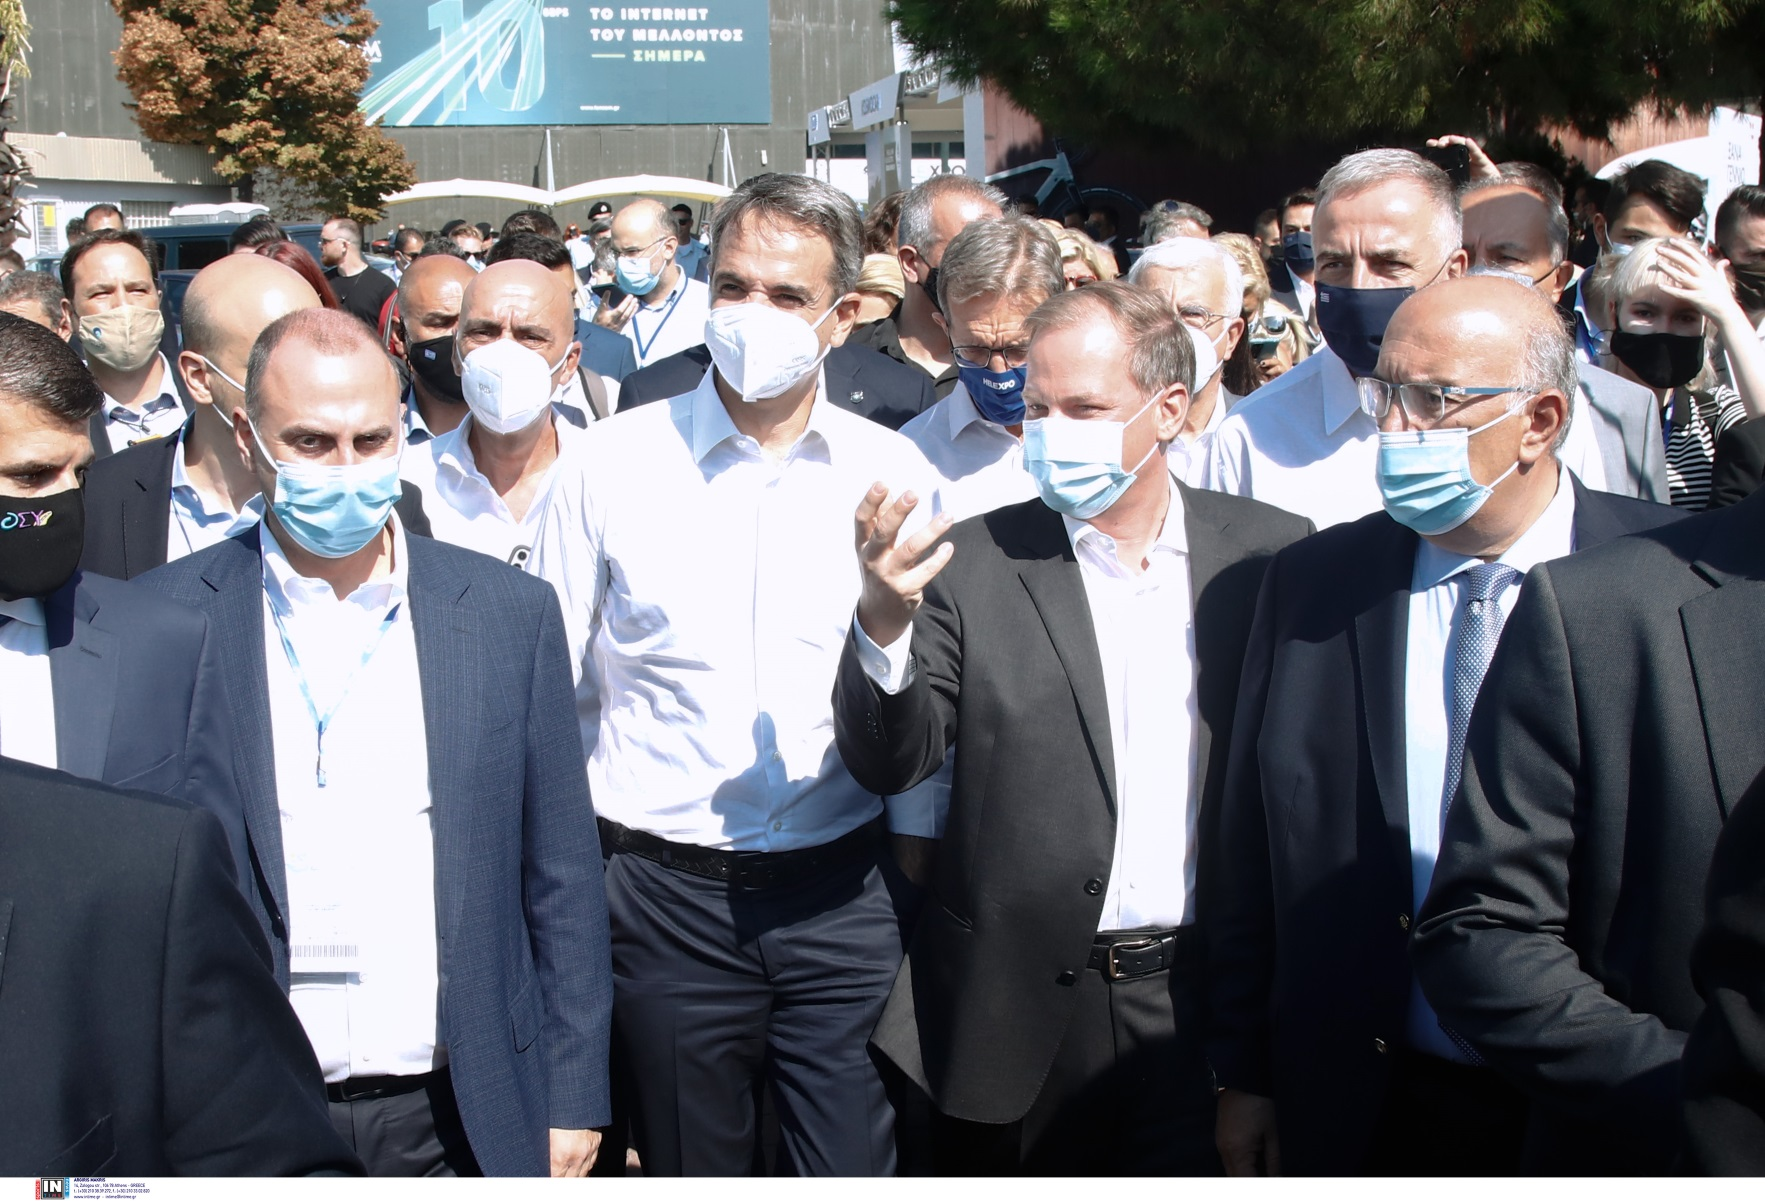 Κυριάκος Μητσοτάκης στη ΔΕΘ 2021: «Τέλη του 2023 η βασική γραμμή του Μετρό Θεσσαλονίκης»